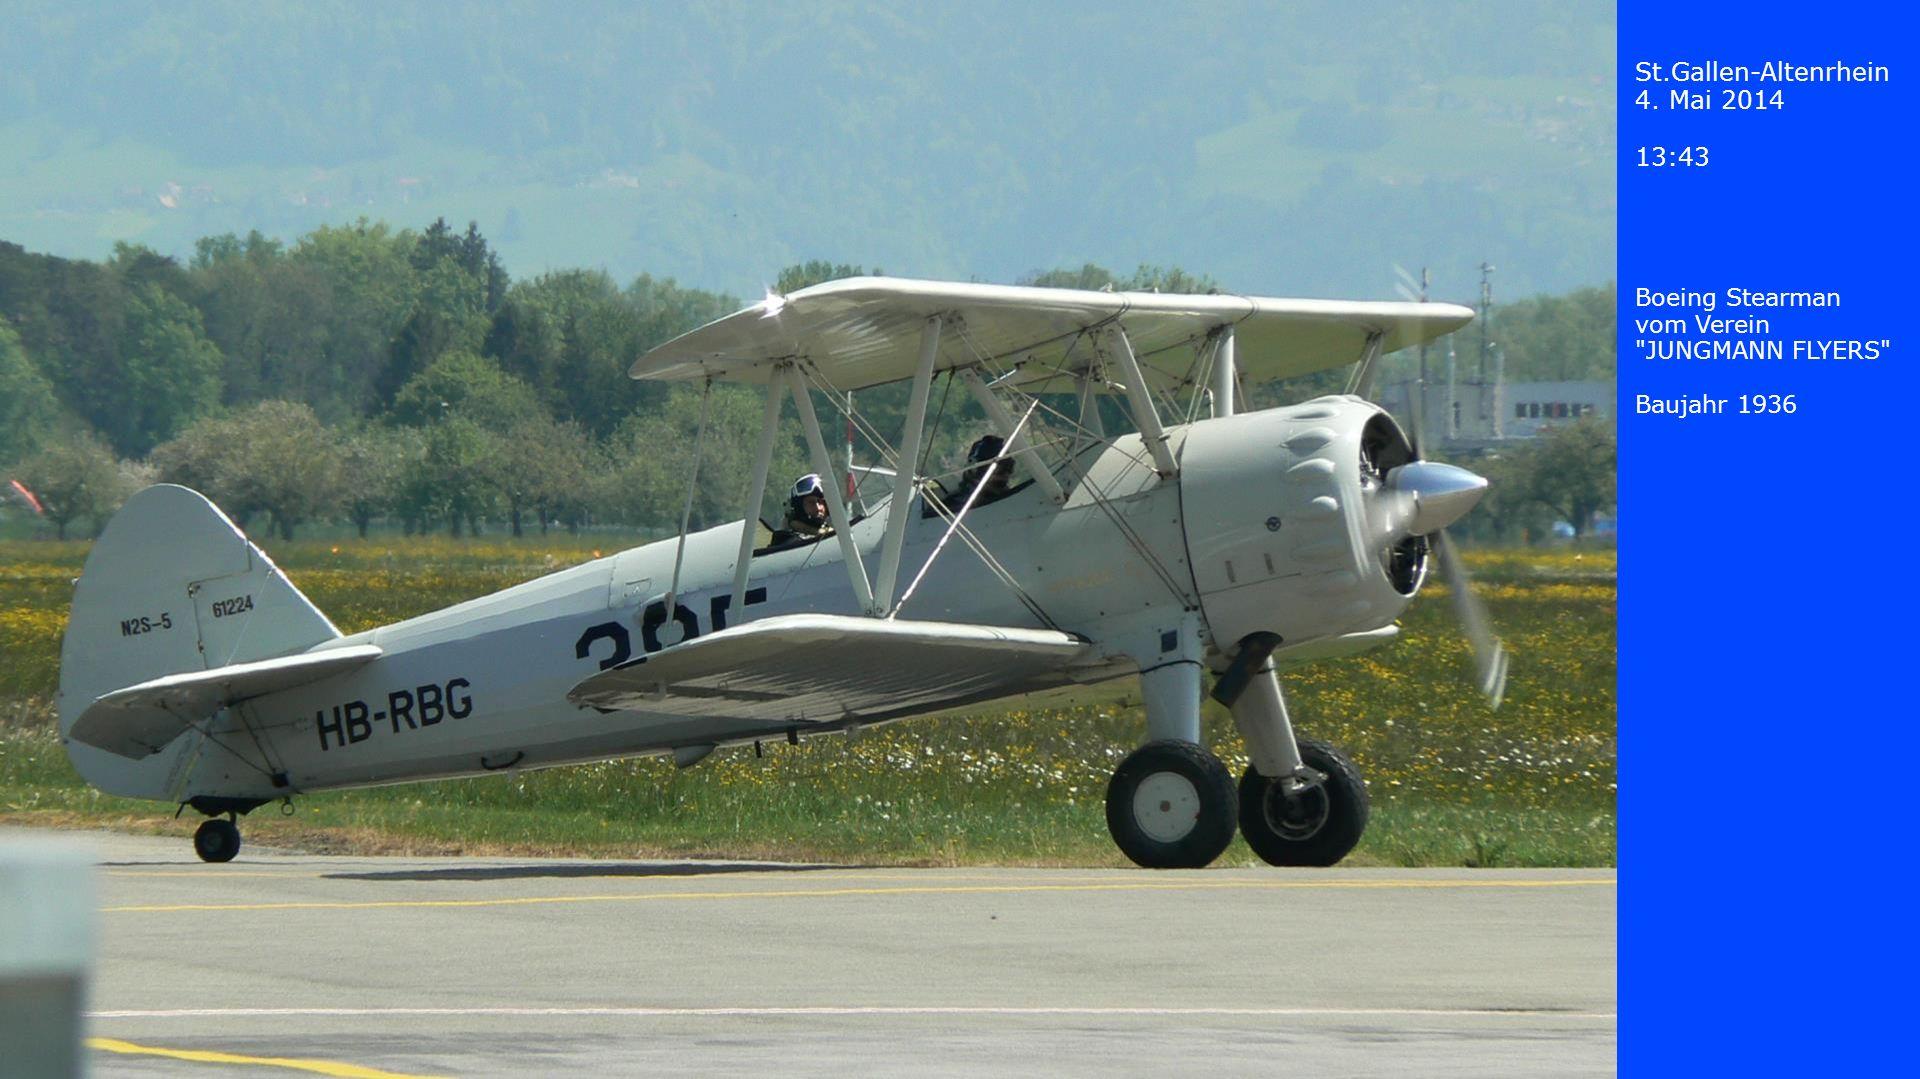 St.Gallen-Altenrhein 4. Mai 2014 13:43 Boeing Stearman vom Verein